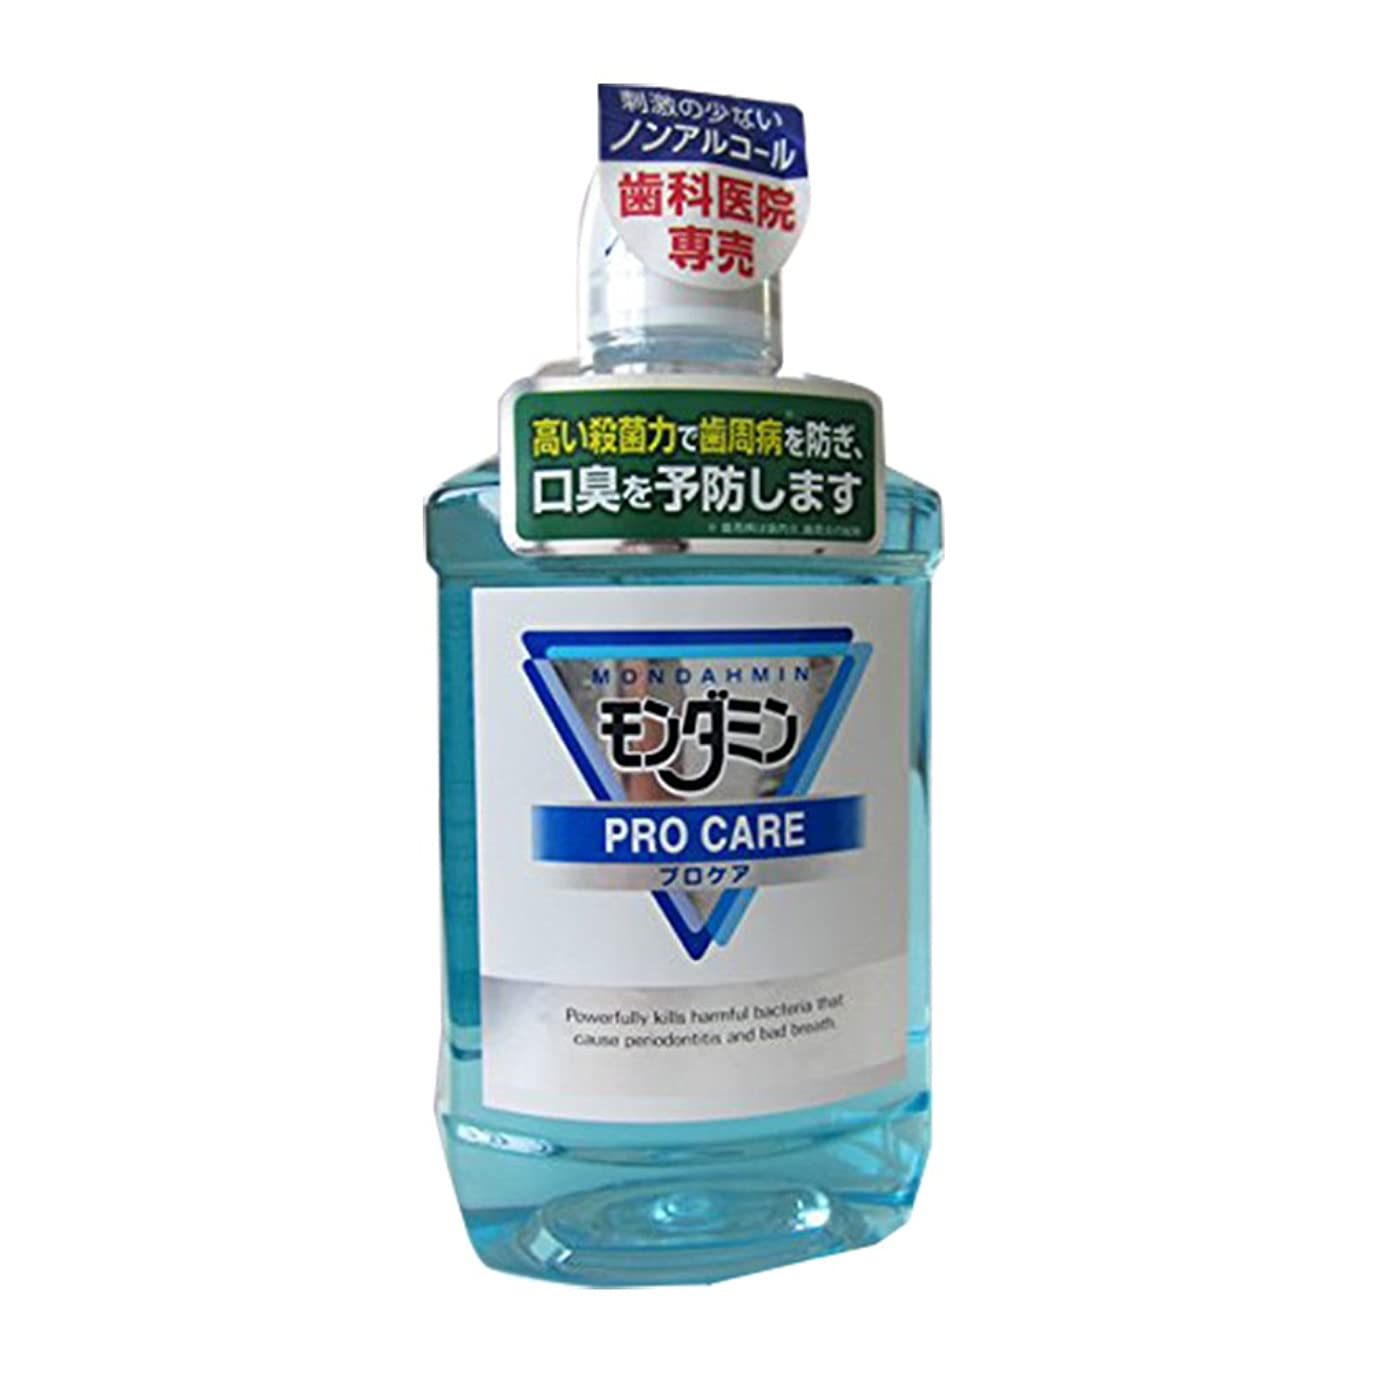 トライアスロンラブカポックモンダミン モンダミン プロケア 1000ml ボトル 液体歯磨き単品